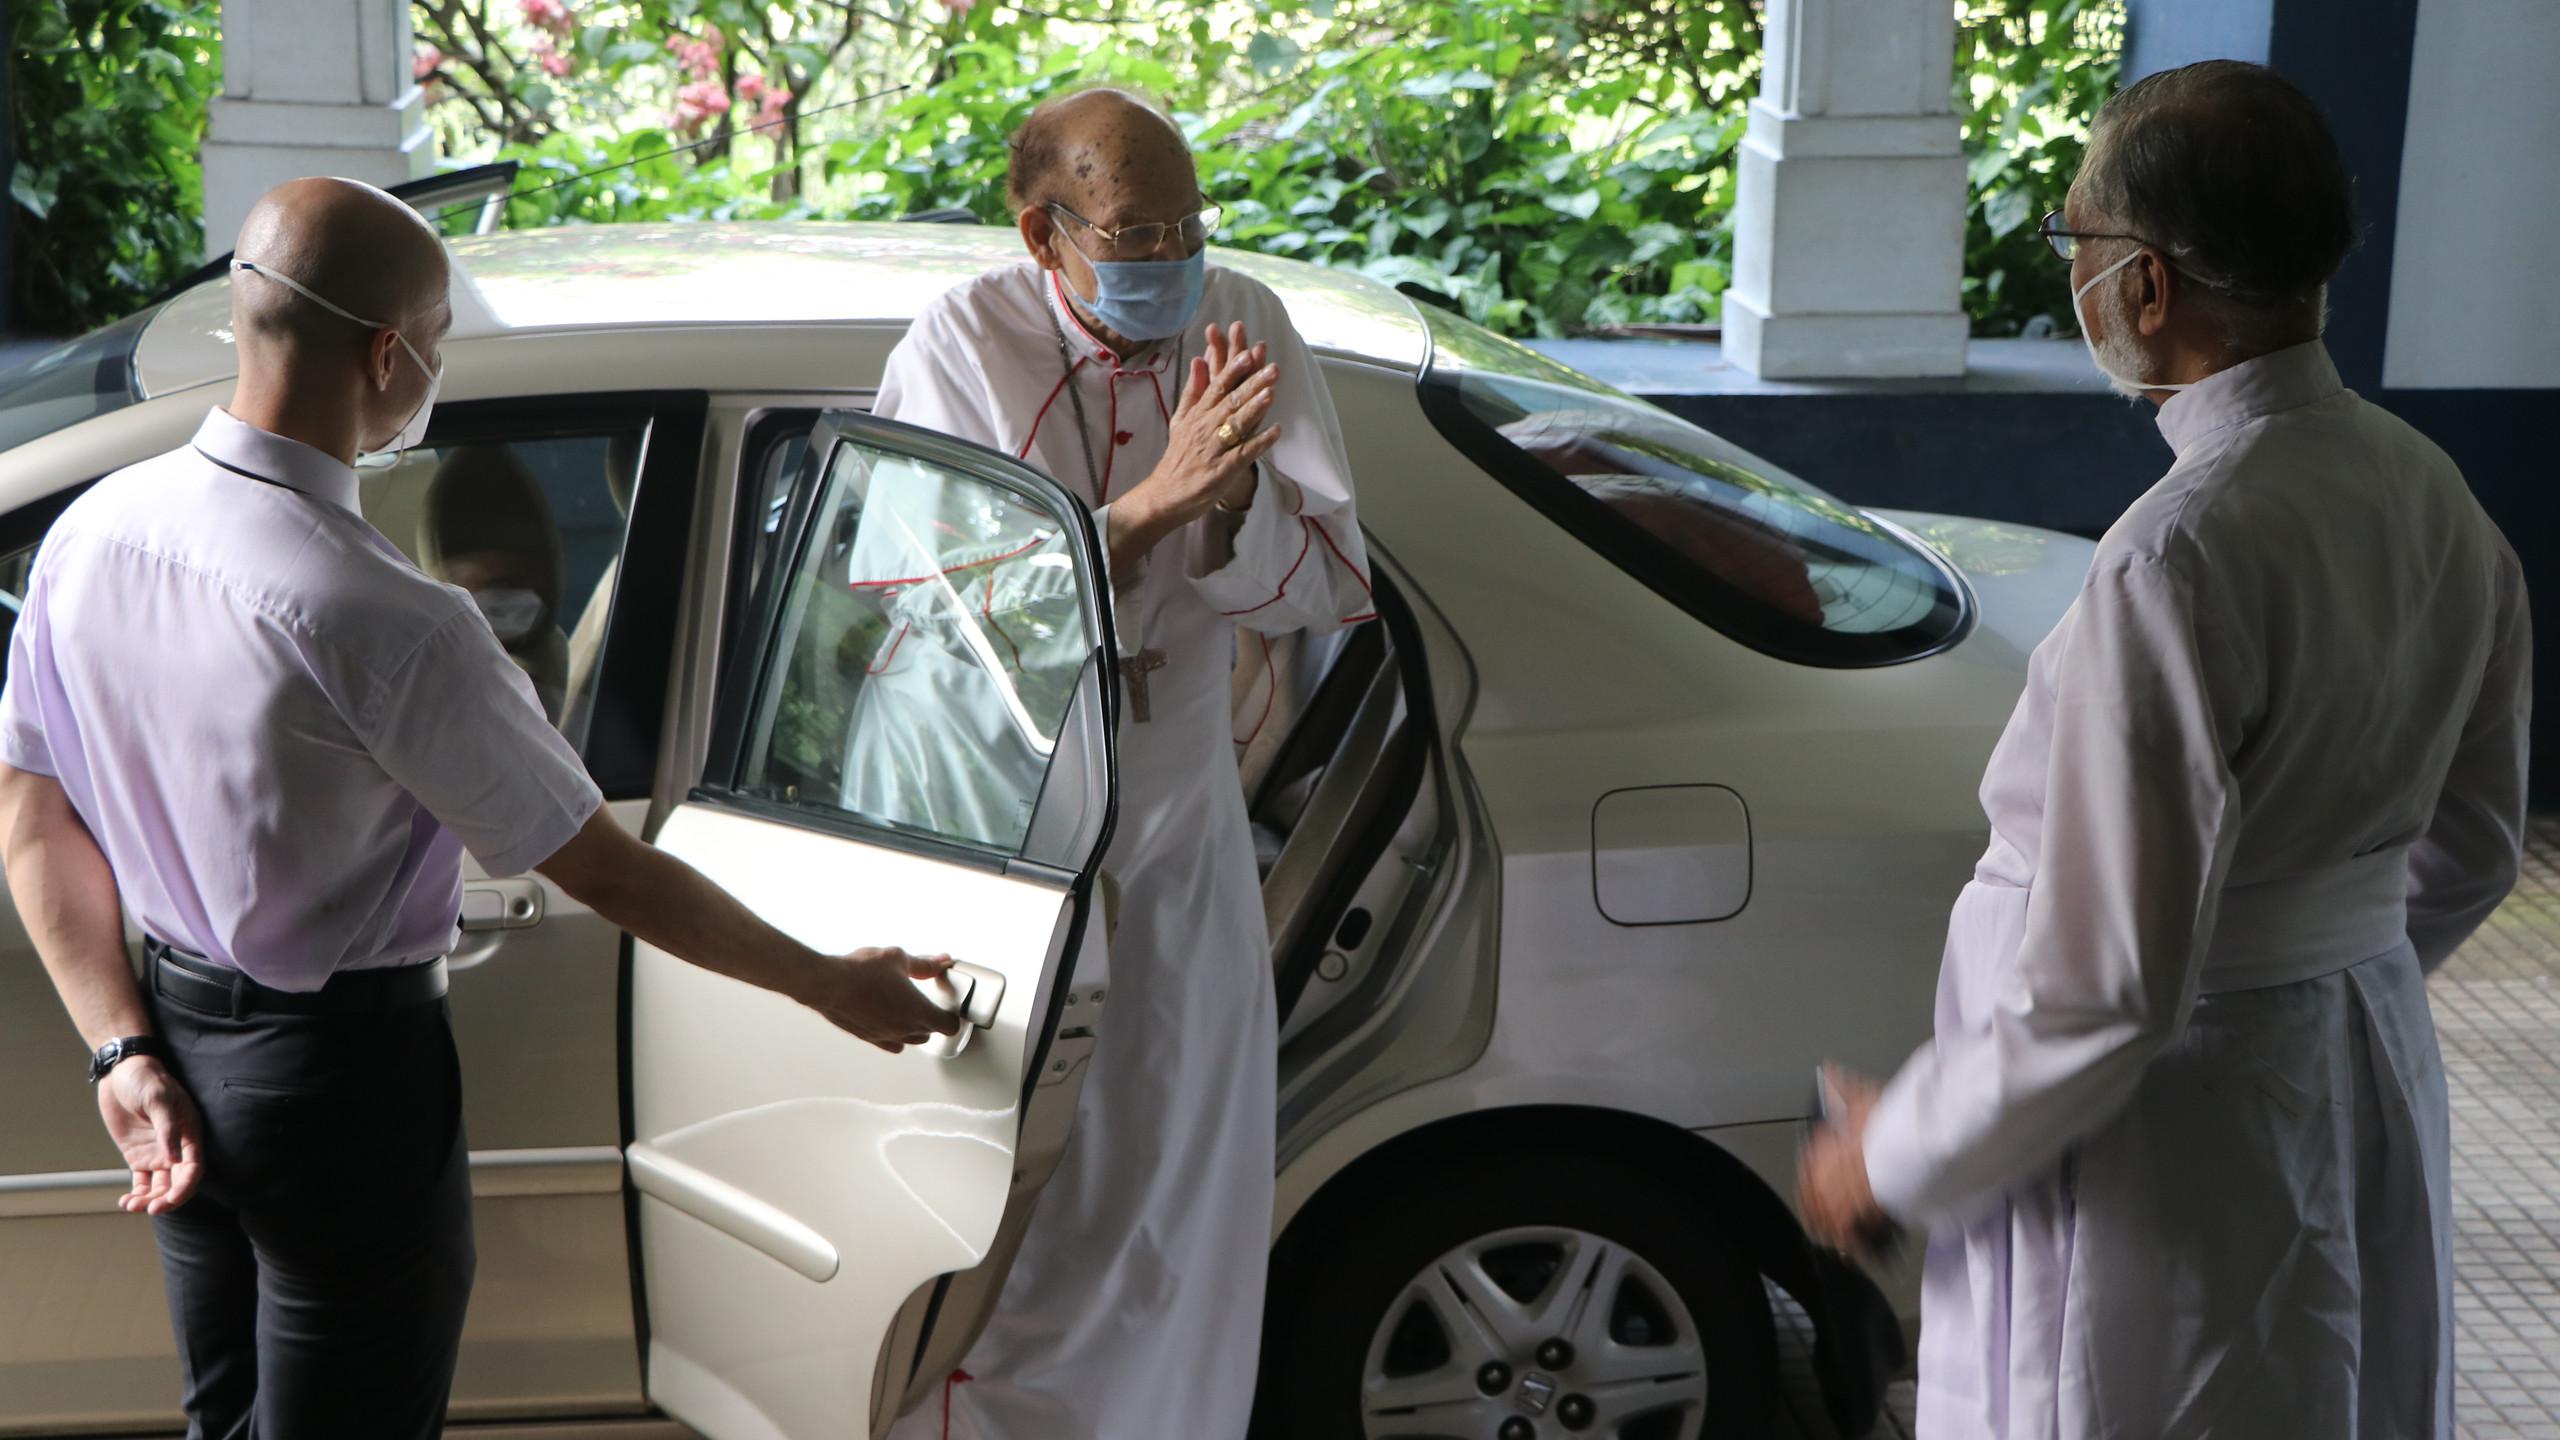 Cardinal Arrives at St. Pius X